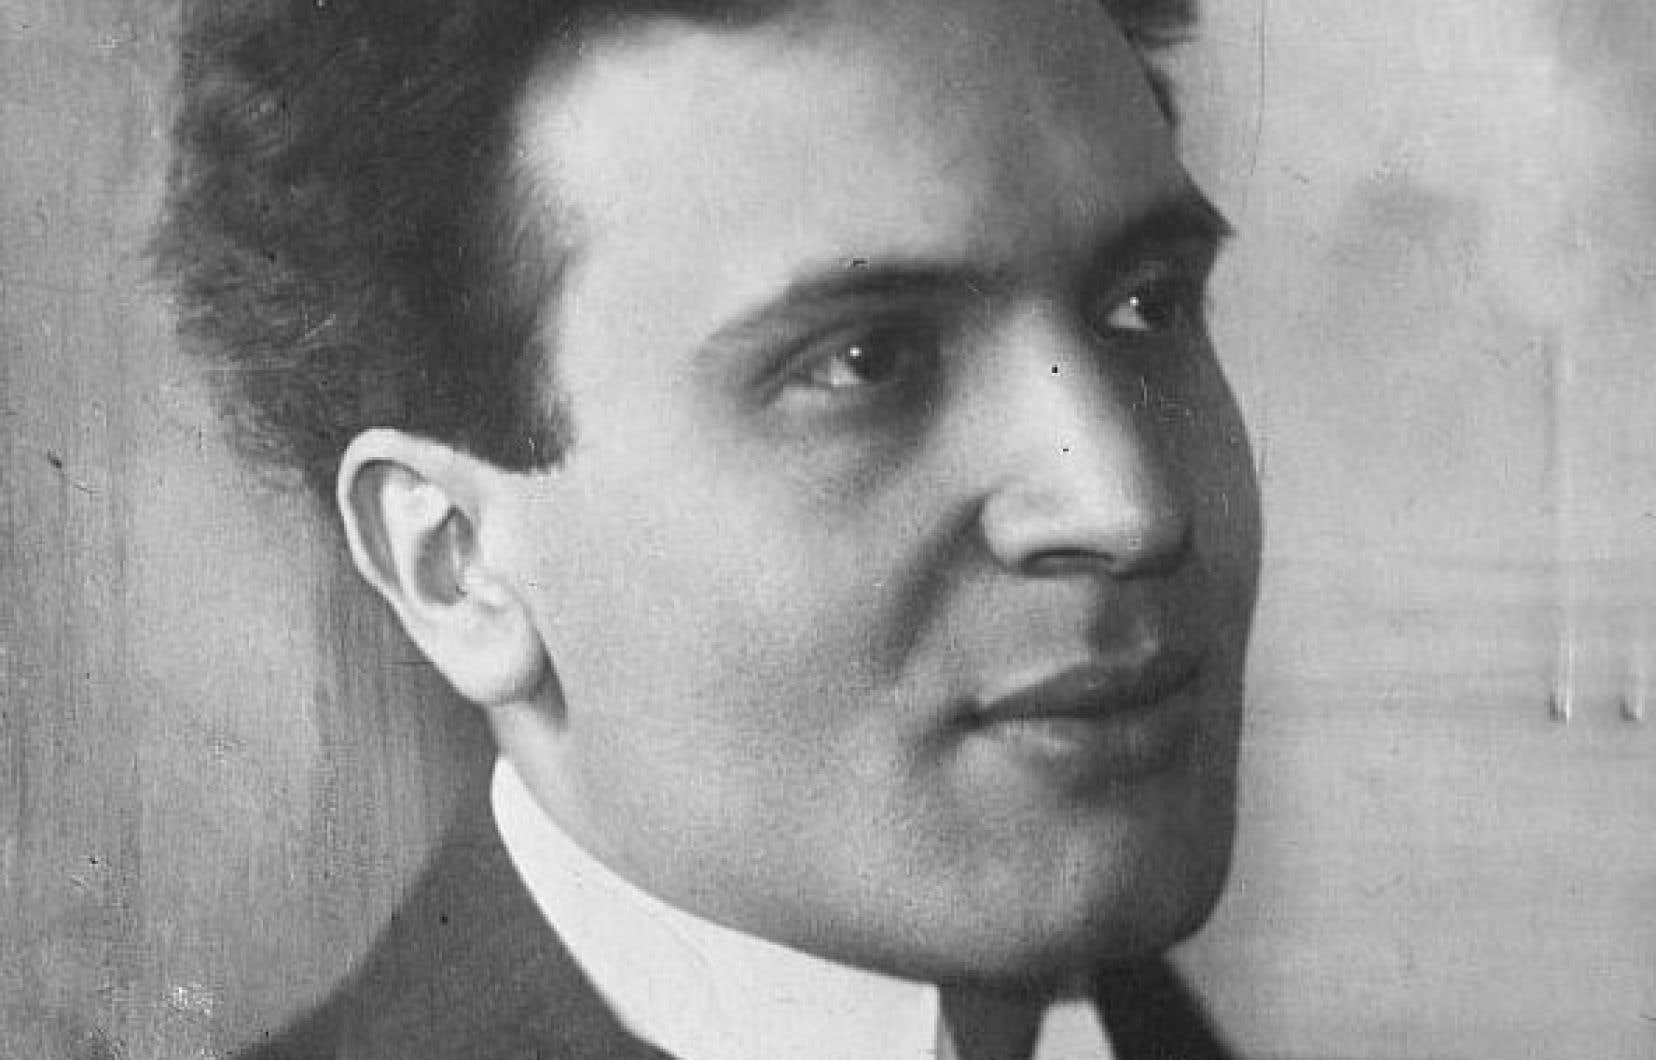 Pour que Bruno Walter, né Bruno Schlesinger, en 1876 à Berlin, se retrouve à nous léguer 77CD réalisés aux États-Unis entre 1941 et 1961, un an avant sa mort à Beverly Hills, c'est que sa vie n'a pas eu un cours ordinaire.